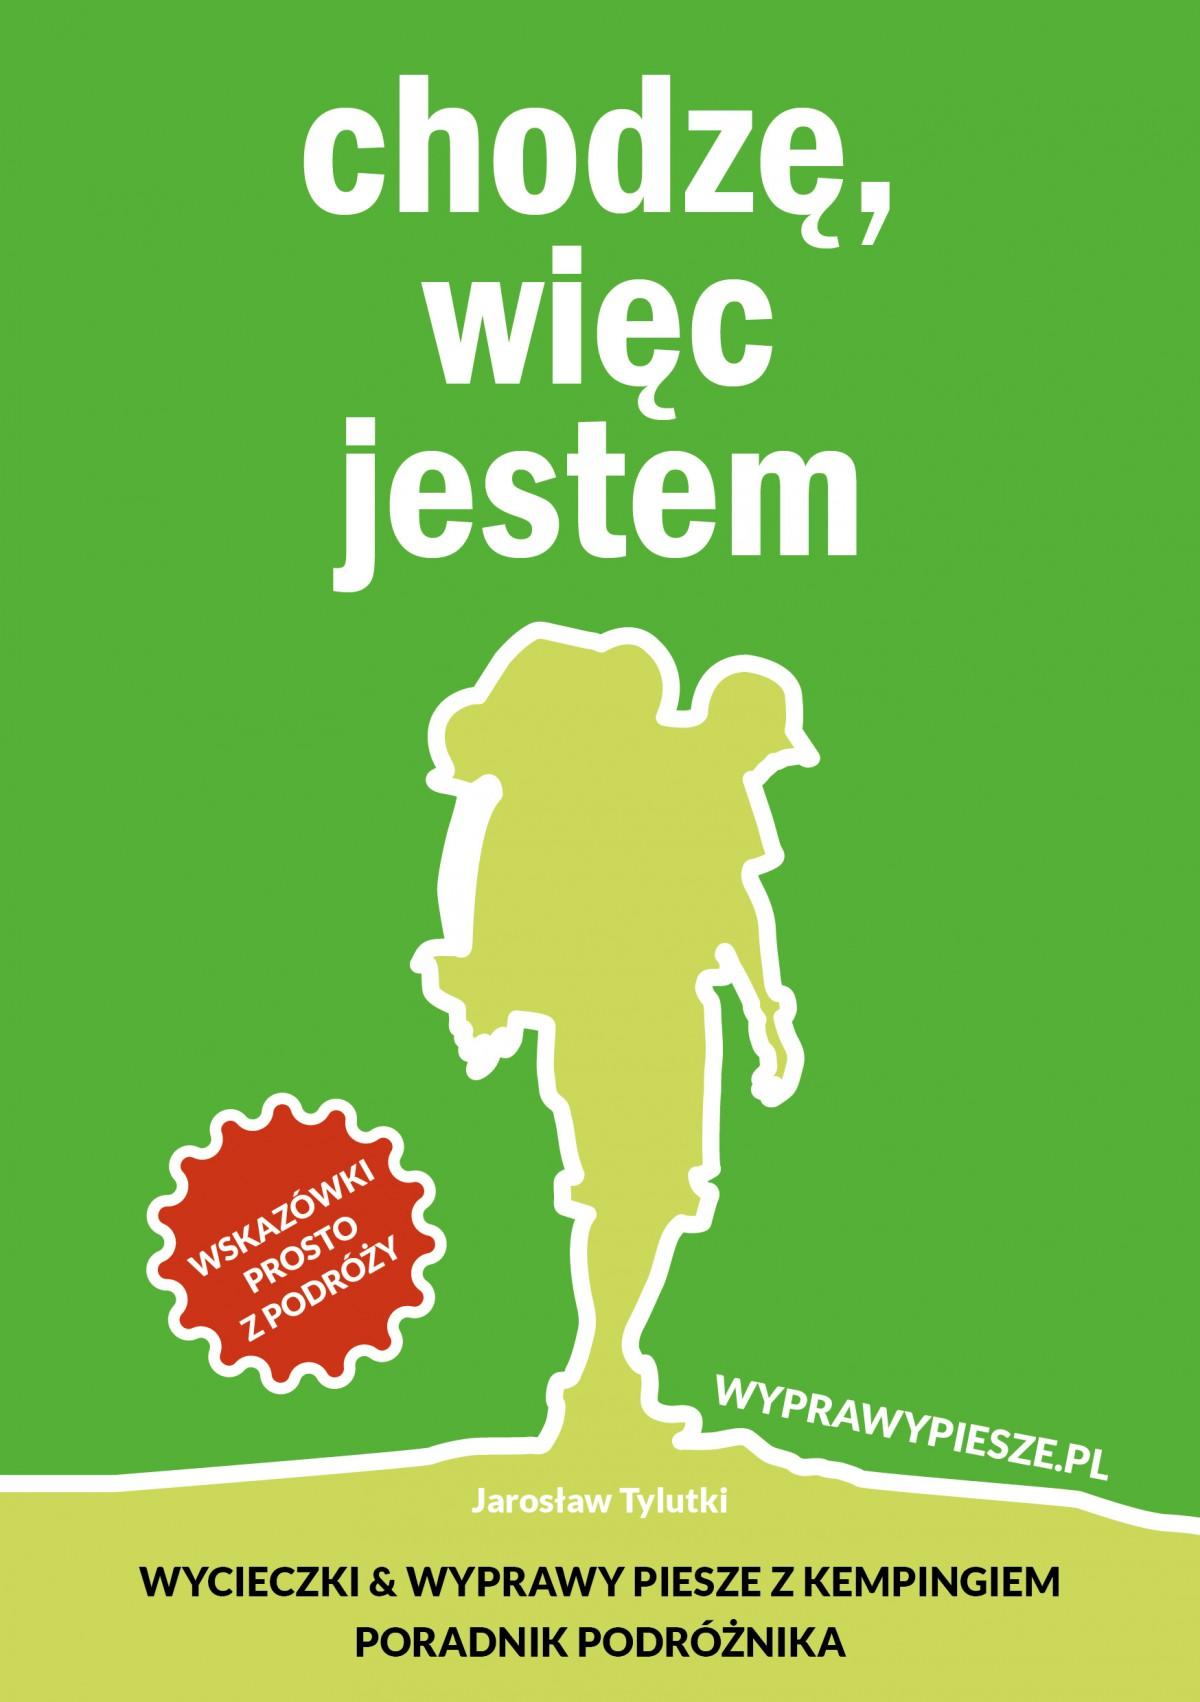 Wycieczki i Wyprawy Piesze z Kempingiem - Poradnik Podróżnika - Ebook (Książka na Kindle) do pobrania w formacie MOBI